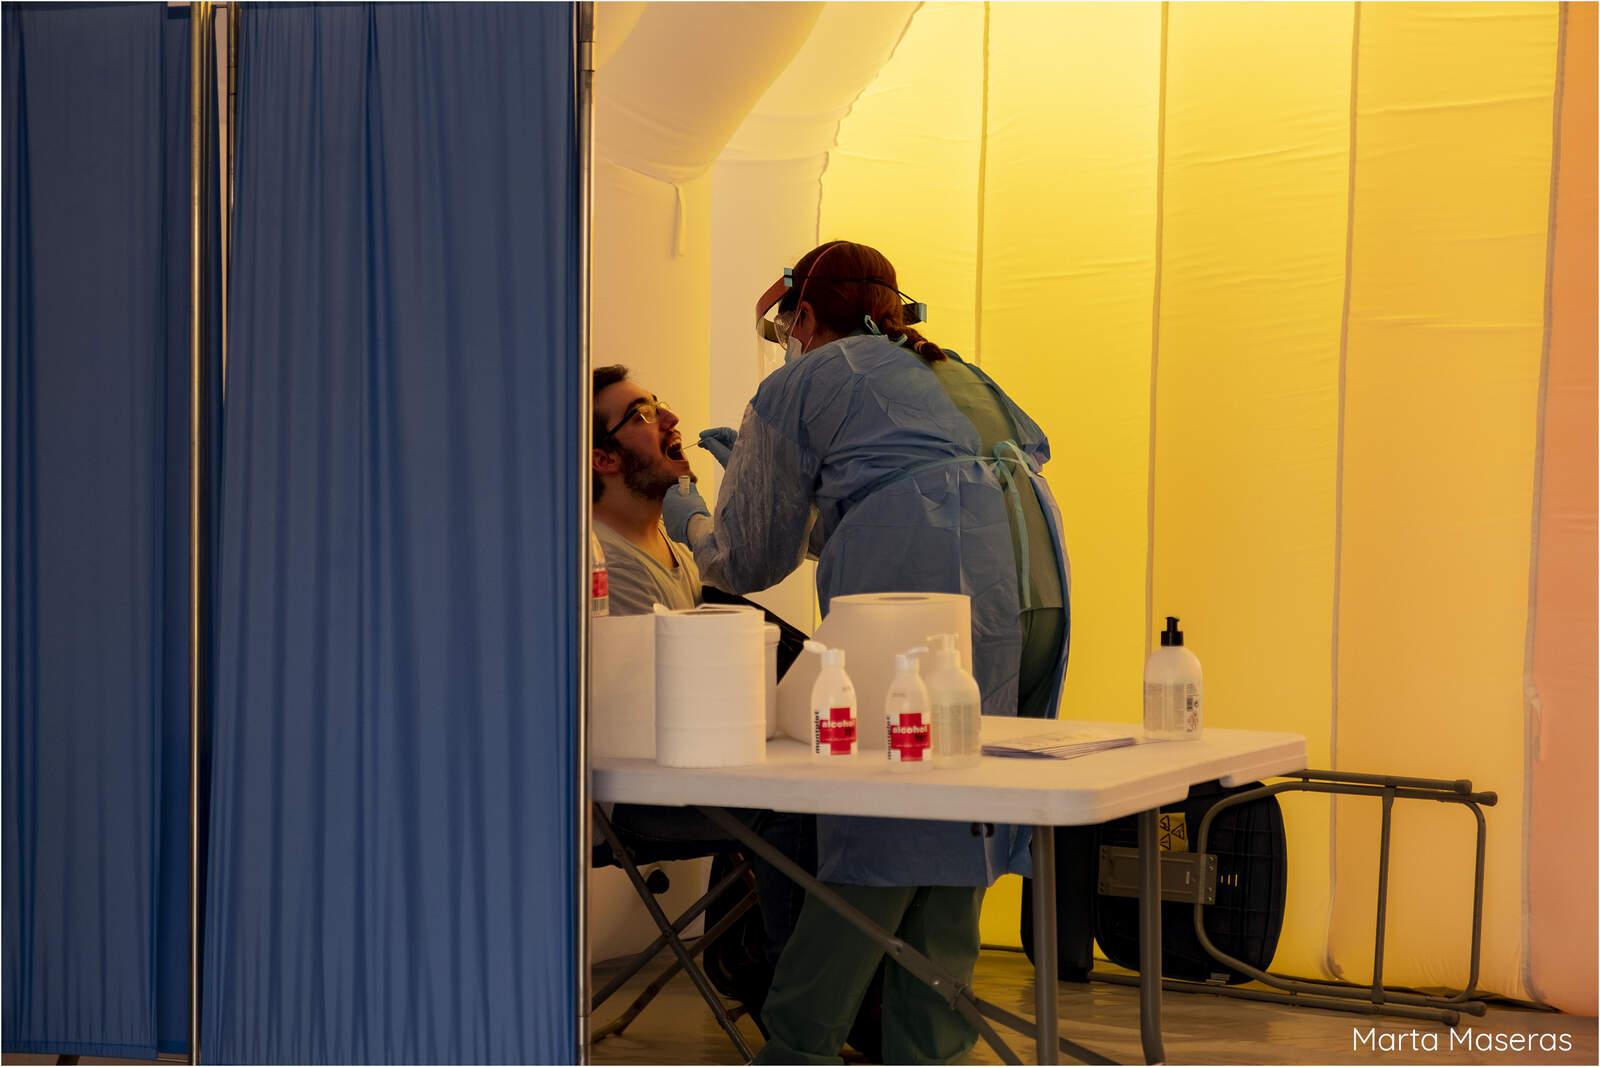 Testos massius a Terrassa per frenar l'increment de contagis